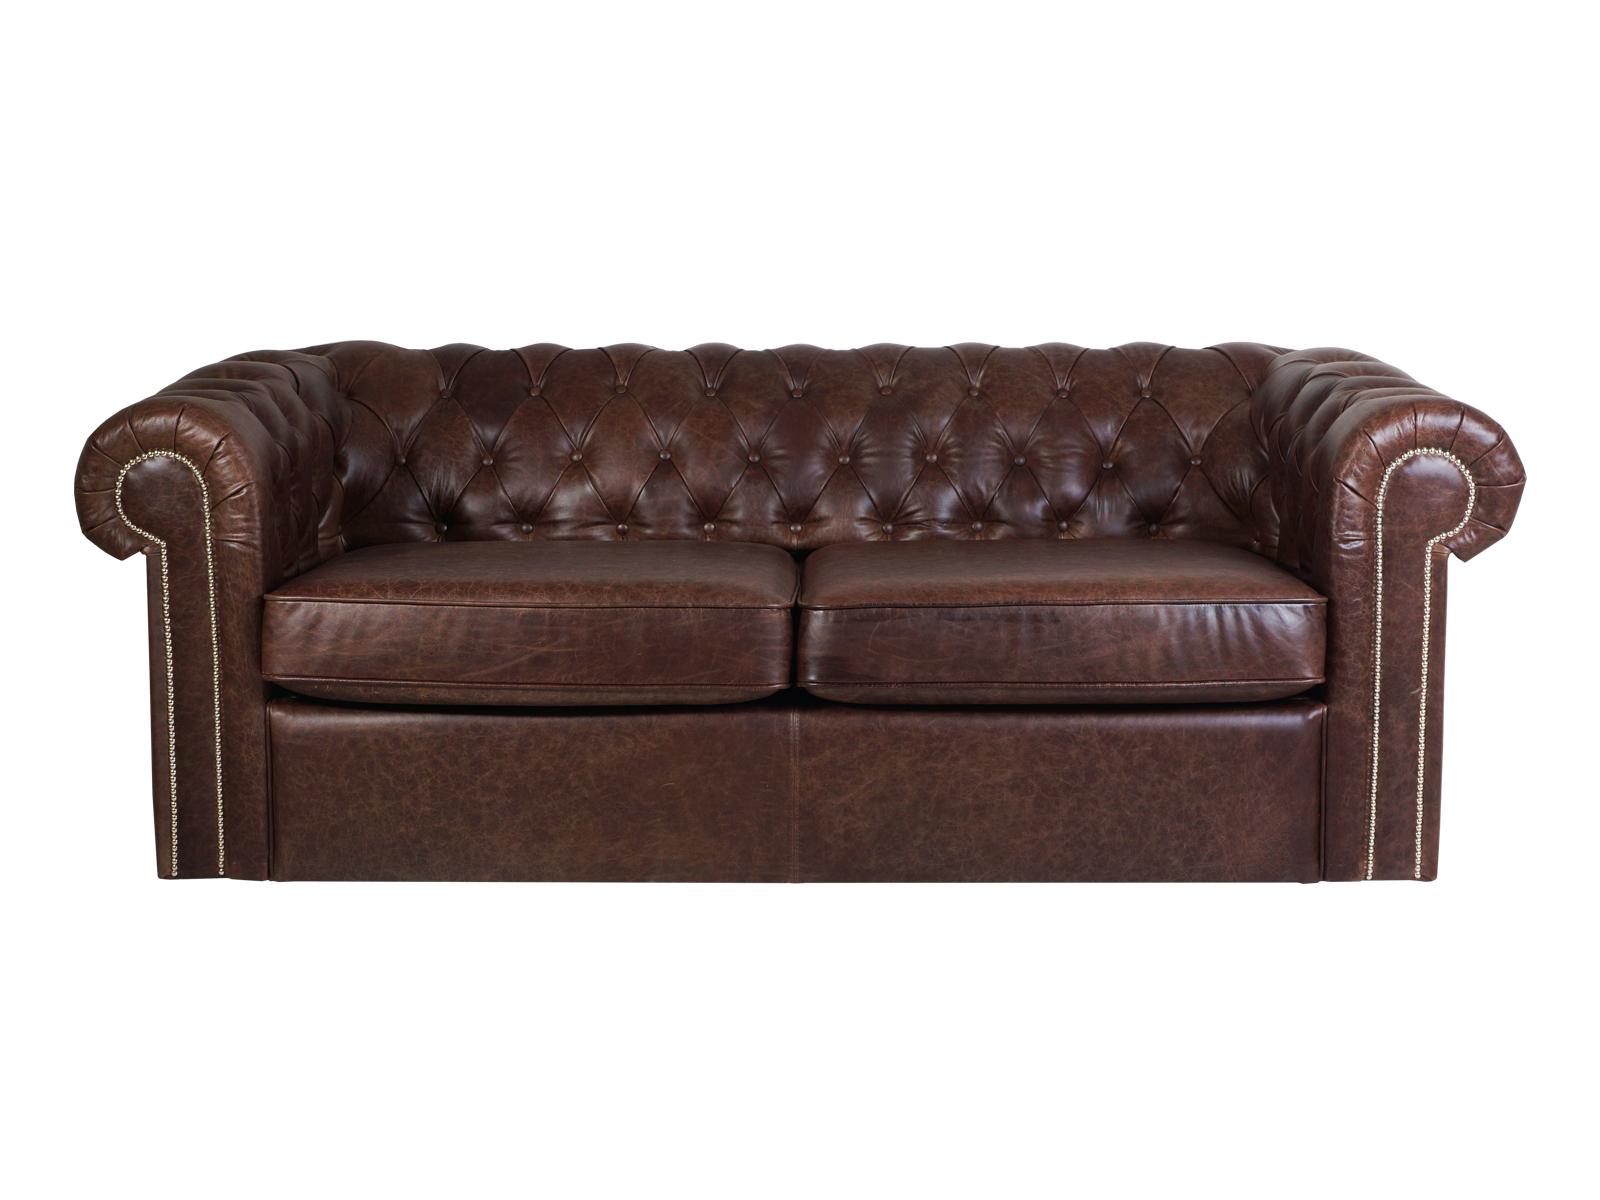 Диван ChesterКожаные диваны<br>Классический двухместный диван. Благодаря наклону мягкой спинки диван Честер считается диваном повышенной комфортности. Диван изготовлен из натуральной, классической кожи с эффектом пулл-ап (кожа светлеет в местах натяжения), что придает винтажный облик изделия. Подлокотники декорированы молдингами.&amp;lt;div&amp;gt;&amp;lt;br&amp;gt;&amp;lt;/div&amp;gt;&amp;lt;div&amp;gt;&amp;lt;div&amp;gt;Материалы:&amp;lt;/div&amp;gt;&amp;lt;div&amp;gt;Каркас: деревянный брус, фанера, МДФ.&amp;lt;/div&amp;gt;&amp;lt;div&amp;gt;Подушки спинок: пенополиуретан, синтепон.&amp;lt;/div&amp;gt;&amp;lt;div&amp;gt;Подушки сидений: пенополиуретан, синтепонн.&amp;lt;/div&amp;gt;&amp;lt;div&amp;gt;Обивка: натуральная кожа.&amp;lt;/div&amp;gt;&amp;lt;/div&amp;gt;<br><br>Material: Кожа<br>Ширина см: 208<br>Высота см: 73<br>Глубина см: 105